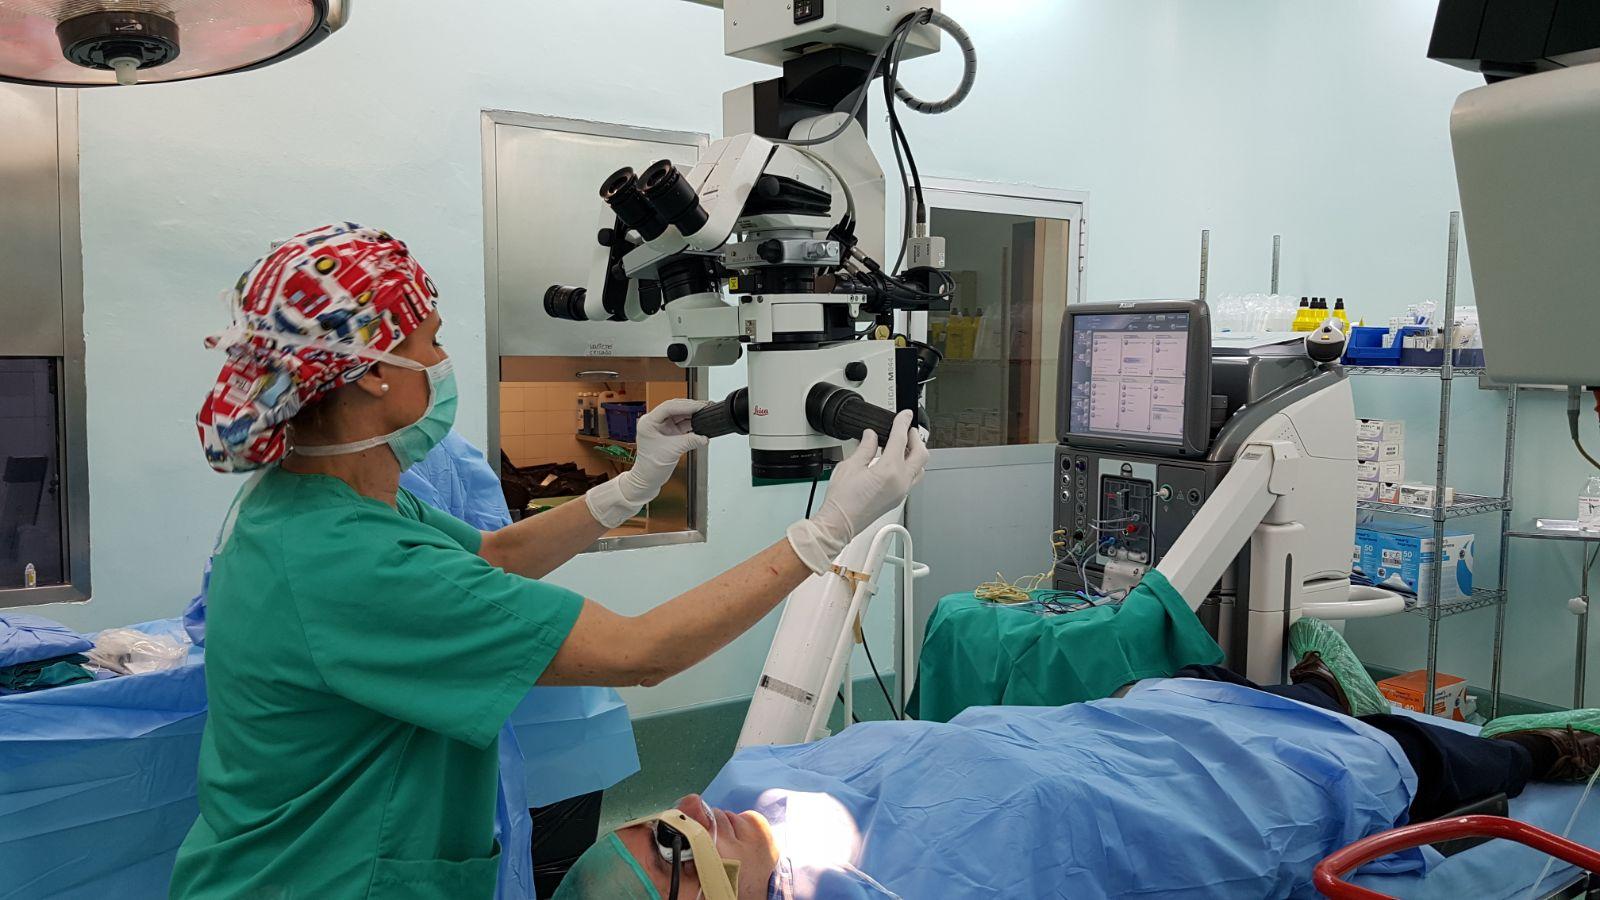 Foto quirófano con cirujanos y paciente para cirugía de vitreo, retina y mácula clínica oftalmológica en Oviedo y Asturias Bajo-Castro